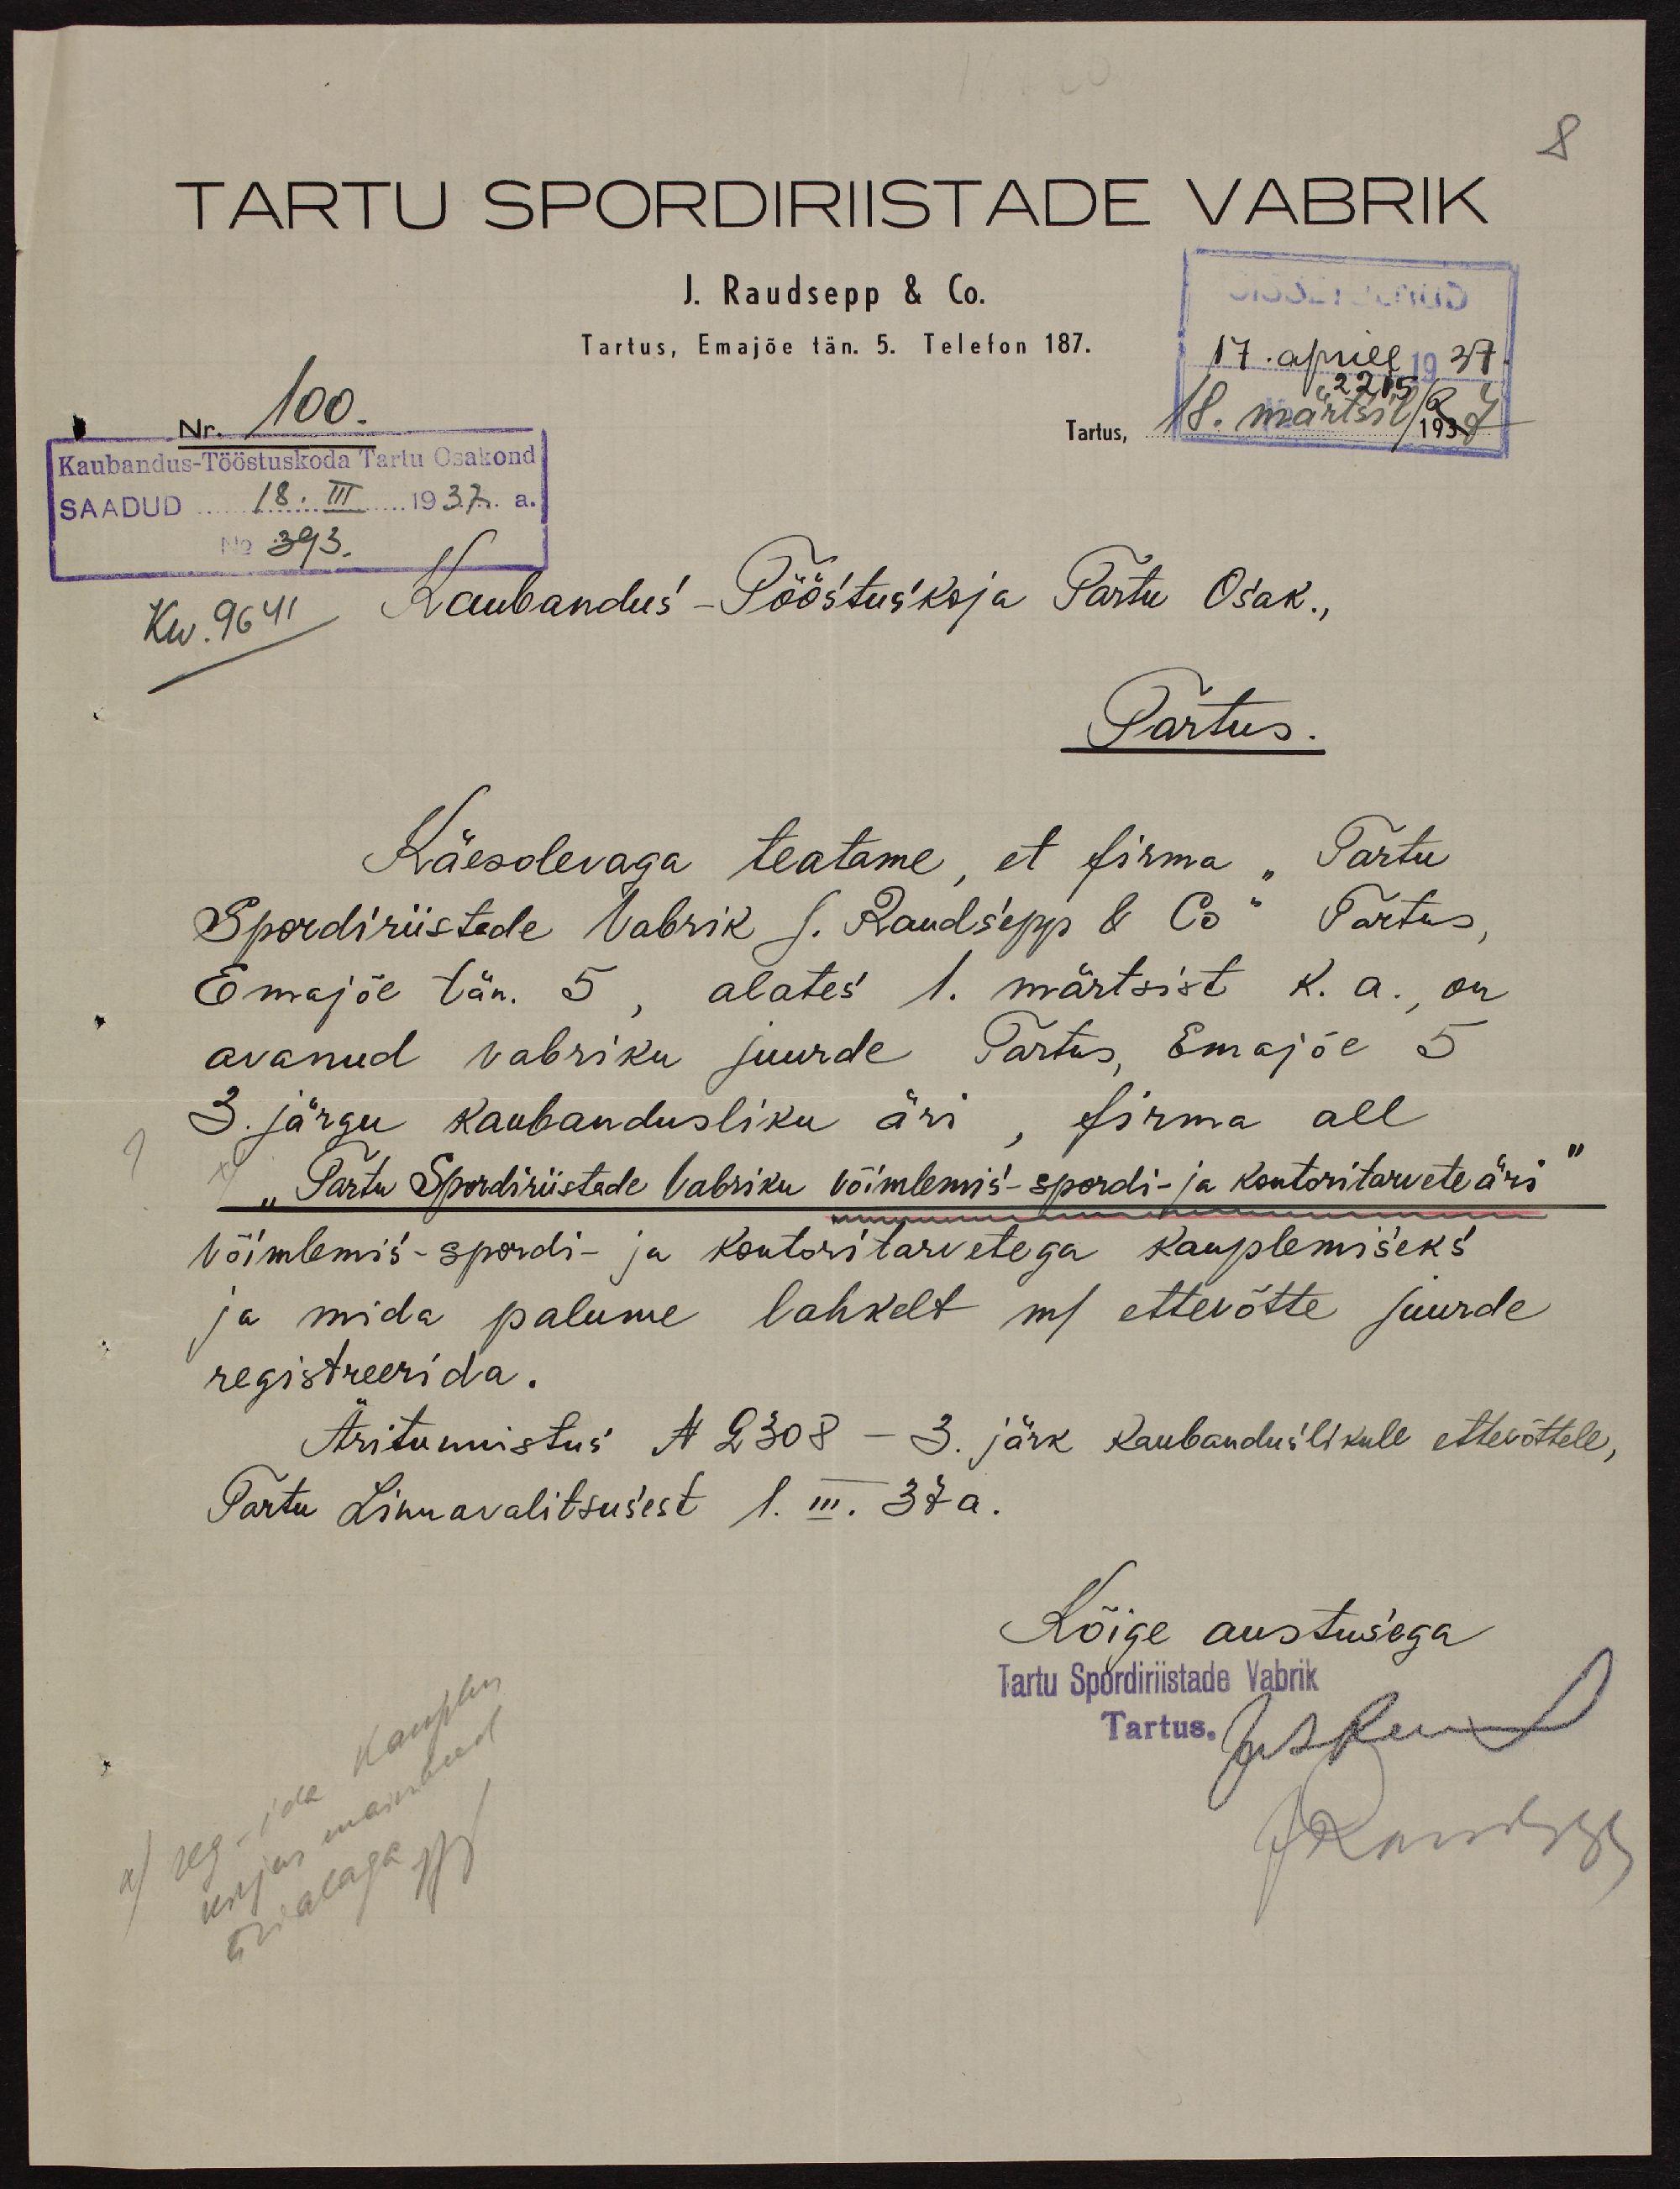 Teade Tartu Spordiriistade Vabriku võimlemis-, spordiriistade- ja kontoritarvete äri avamisest Emajõe tänaval Tartus, 1928. ERA.891.2.11740